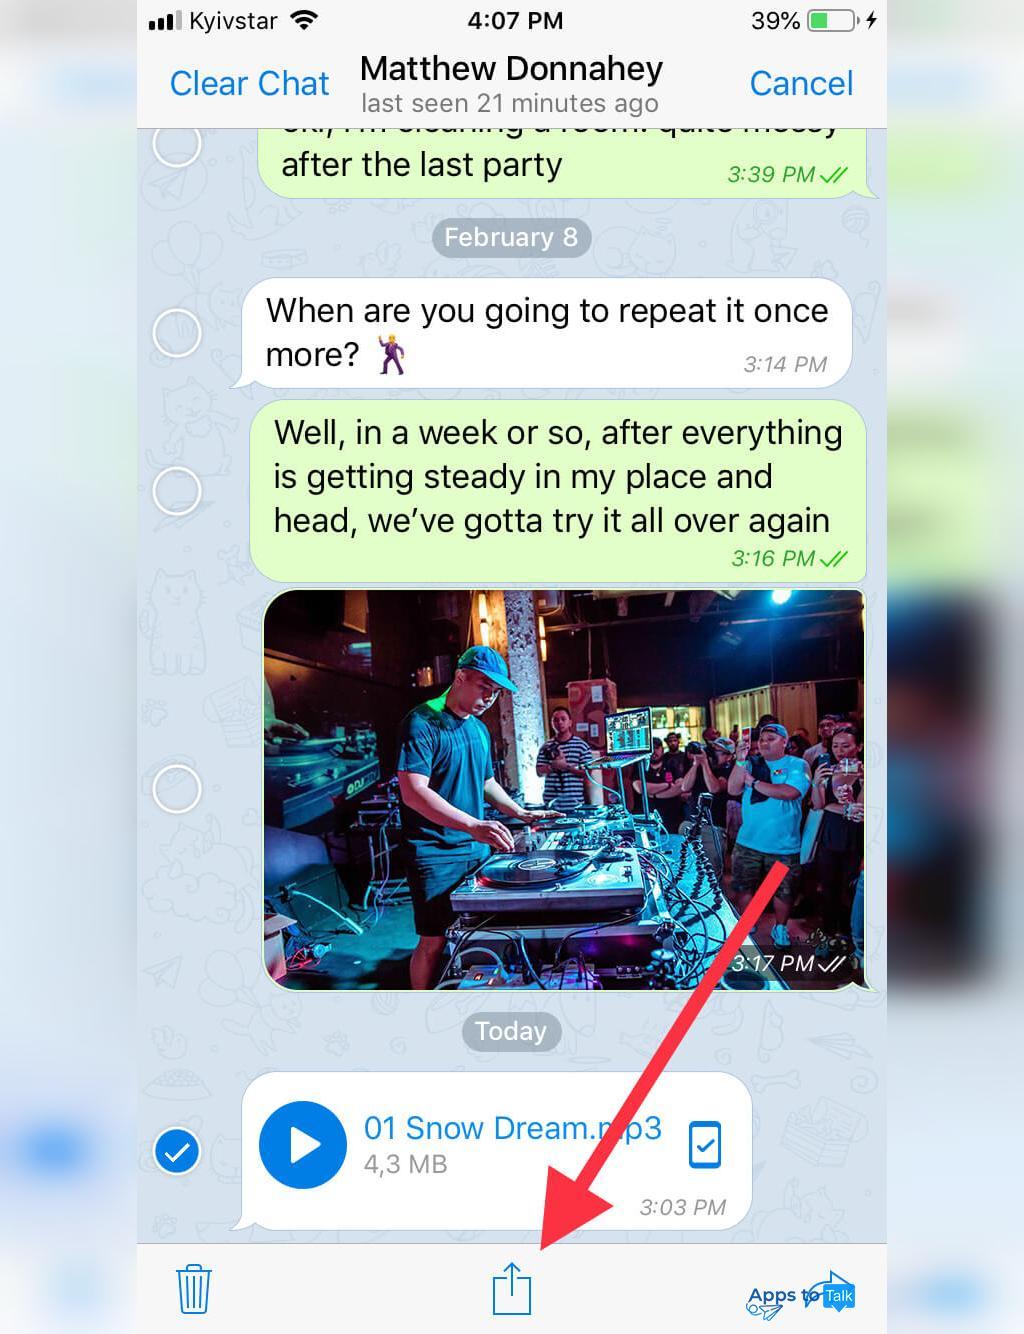 مراحل ذخیره سازی موزیک تلگرام در آیفون